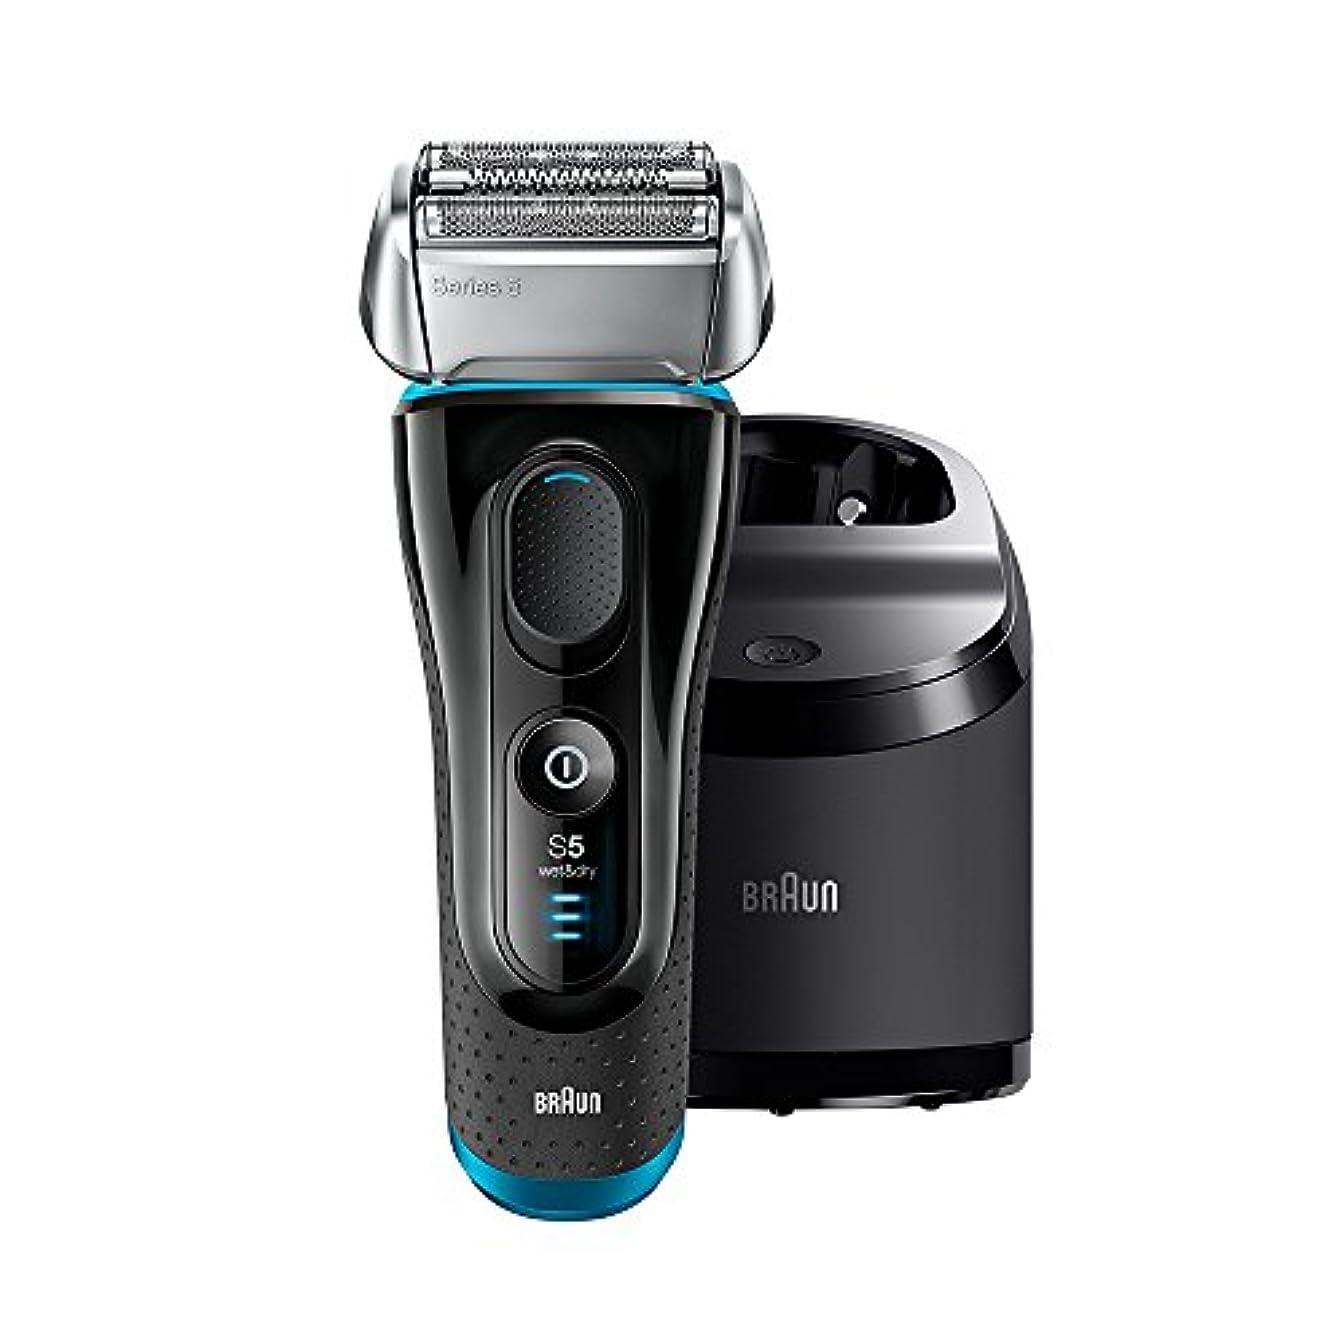 選出するグリルバウンド【Amazon.co.jp 限定】ブラウン シリーズ5 メンズ電気シェーバー  5190cc 4カットシステム 洗浄機付 水洗い可